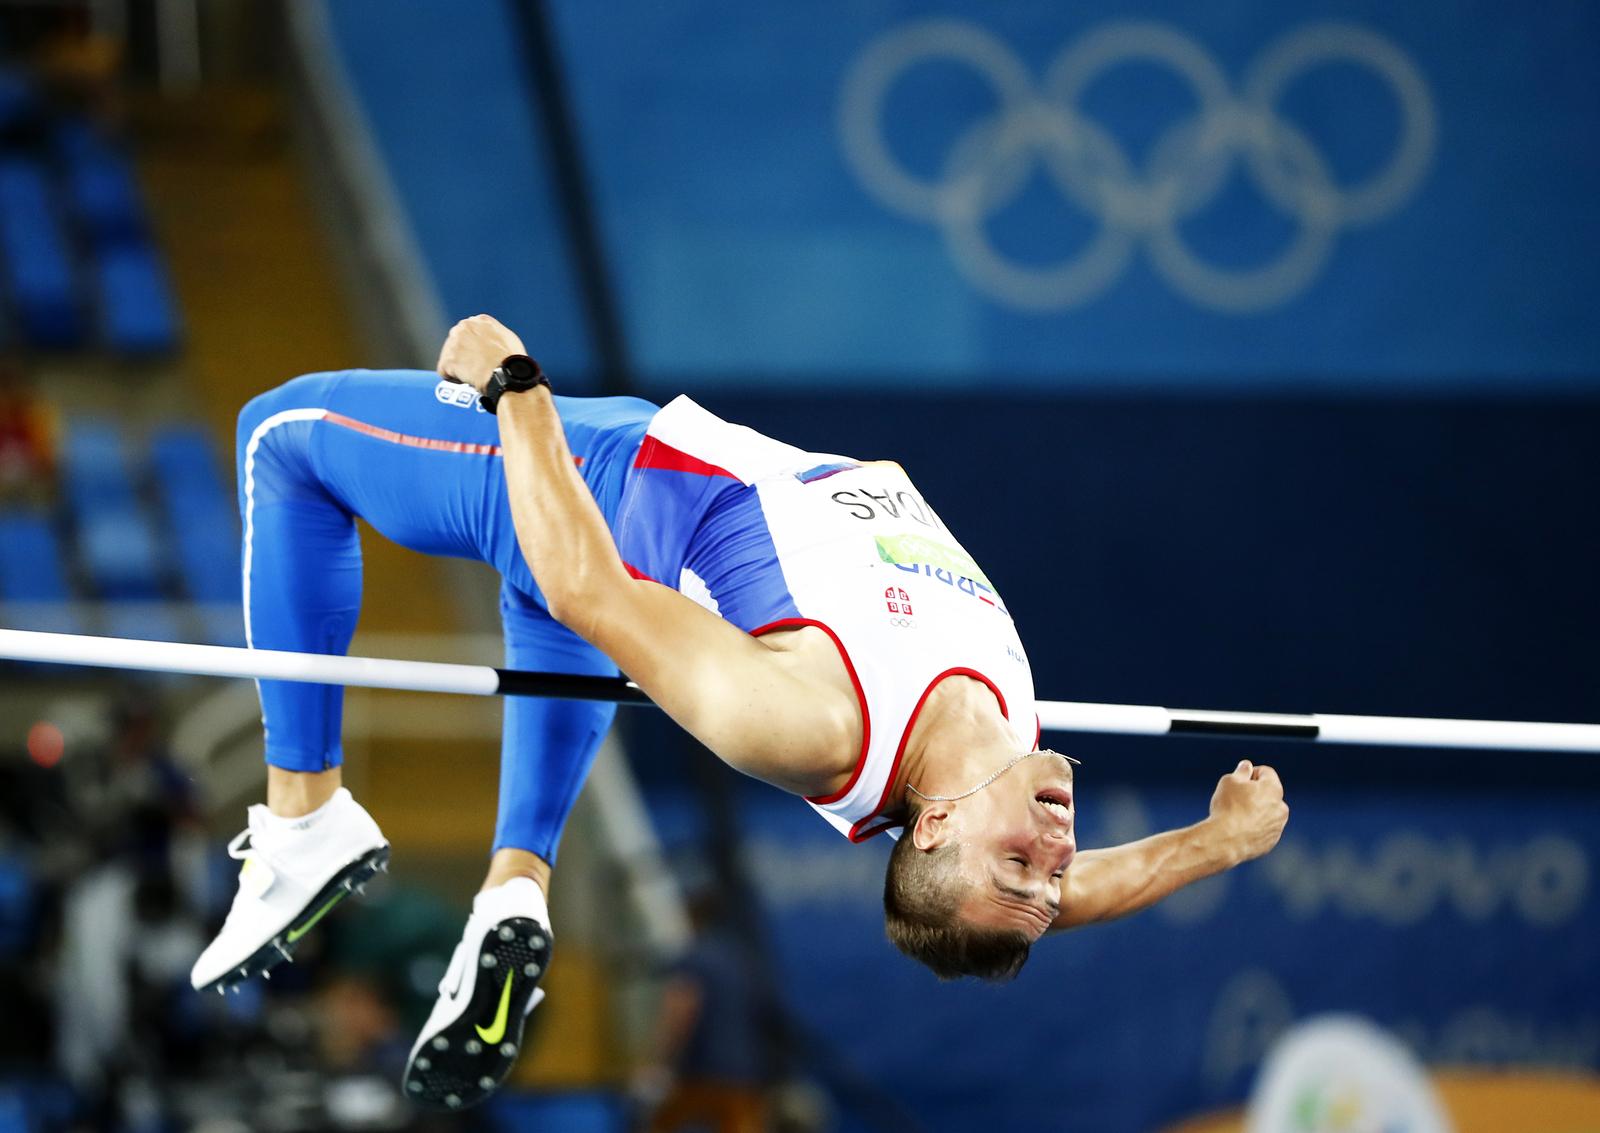 Прыжок в высоту серсбкого атлета Михаила Дудаша